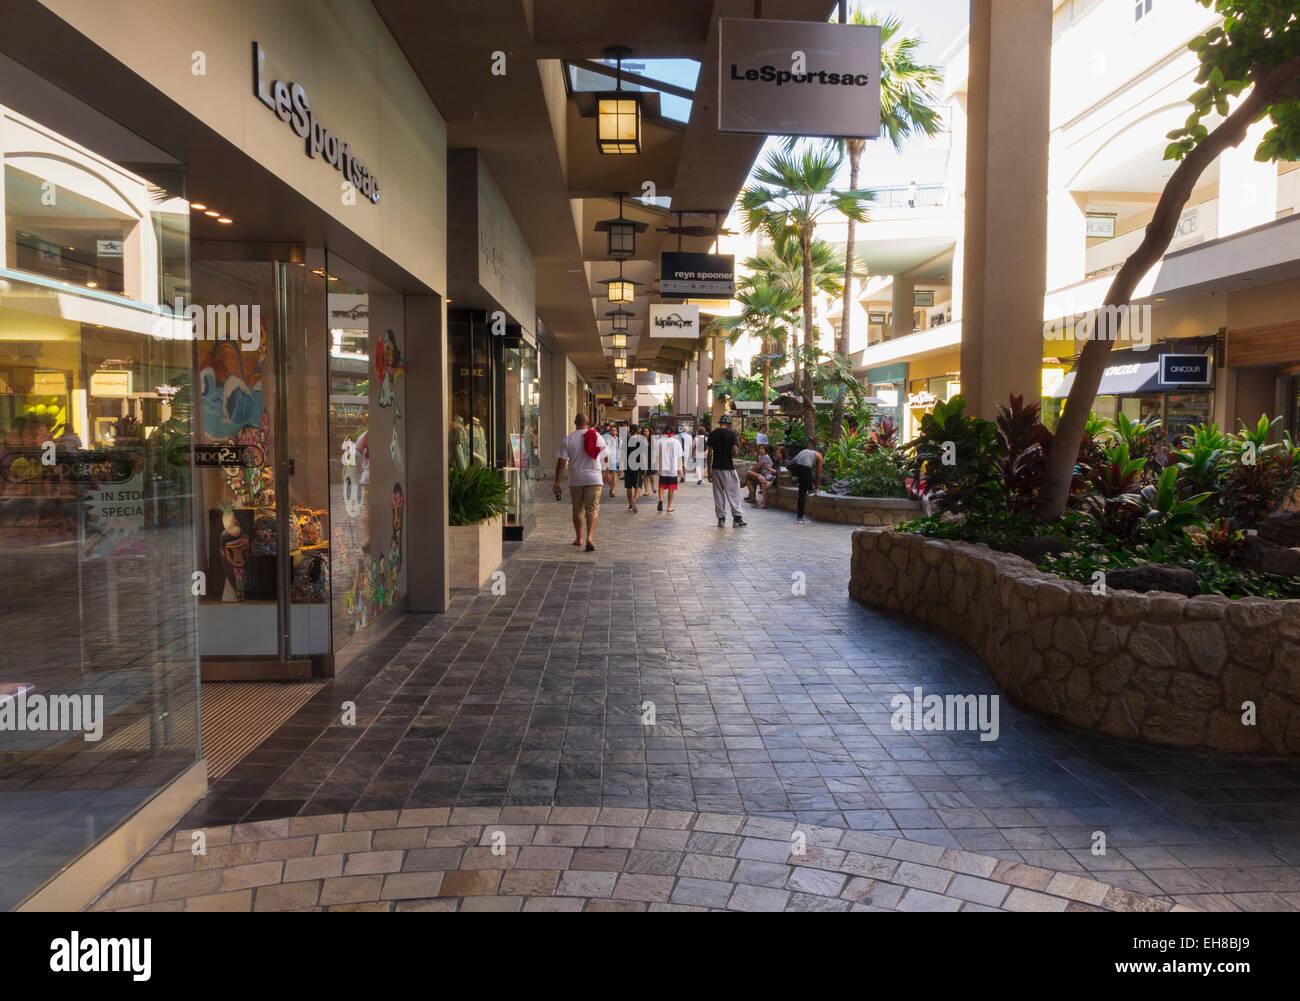 Gli amanti dello shopping presso la moderna Ala Moana shopping mall nei pressi di Waikiki di Oahu, Hawaii Immagini Stock